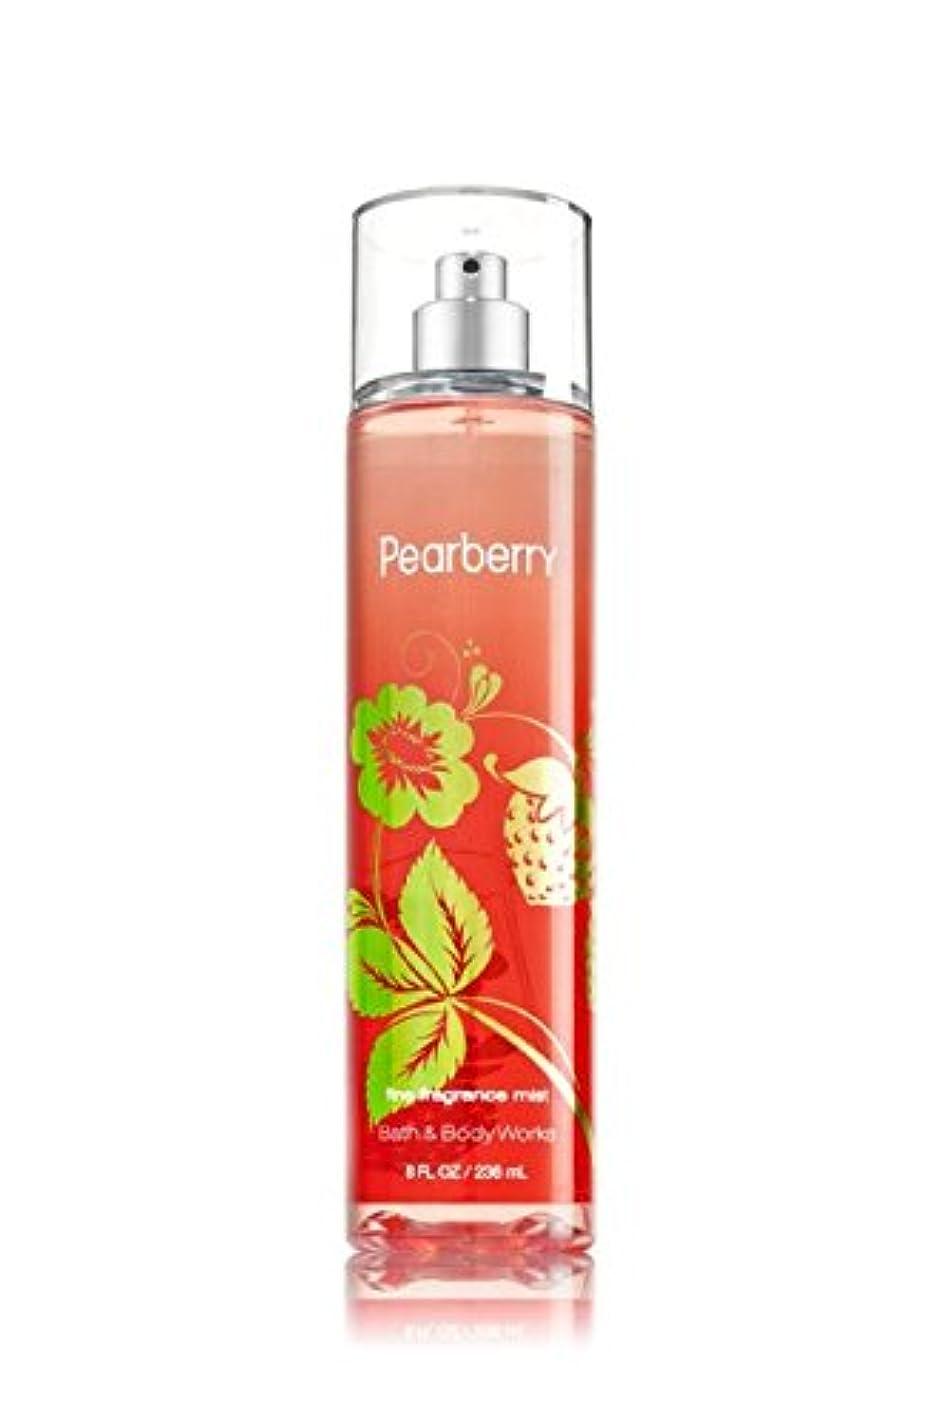 現金リボンアクセスできない【Bath&Body Works/バス&ボディワークス】 ファインフレグランスミスト ペアベリー Fine Fragrance Mist Pearberry 8oz (236ml) [並行輸入品]